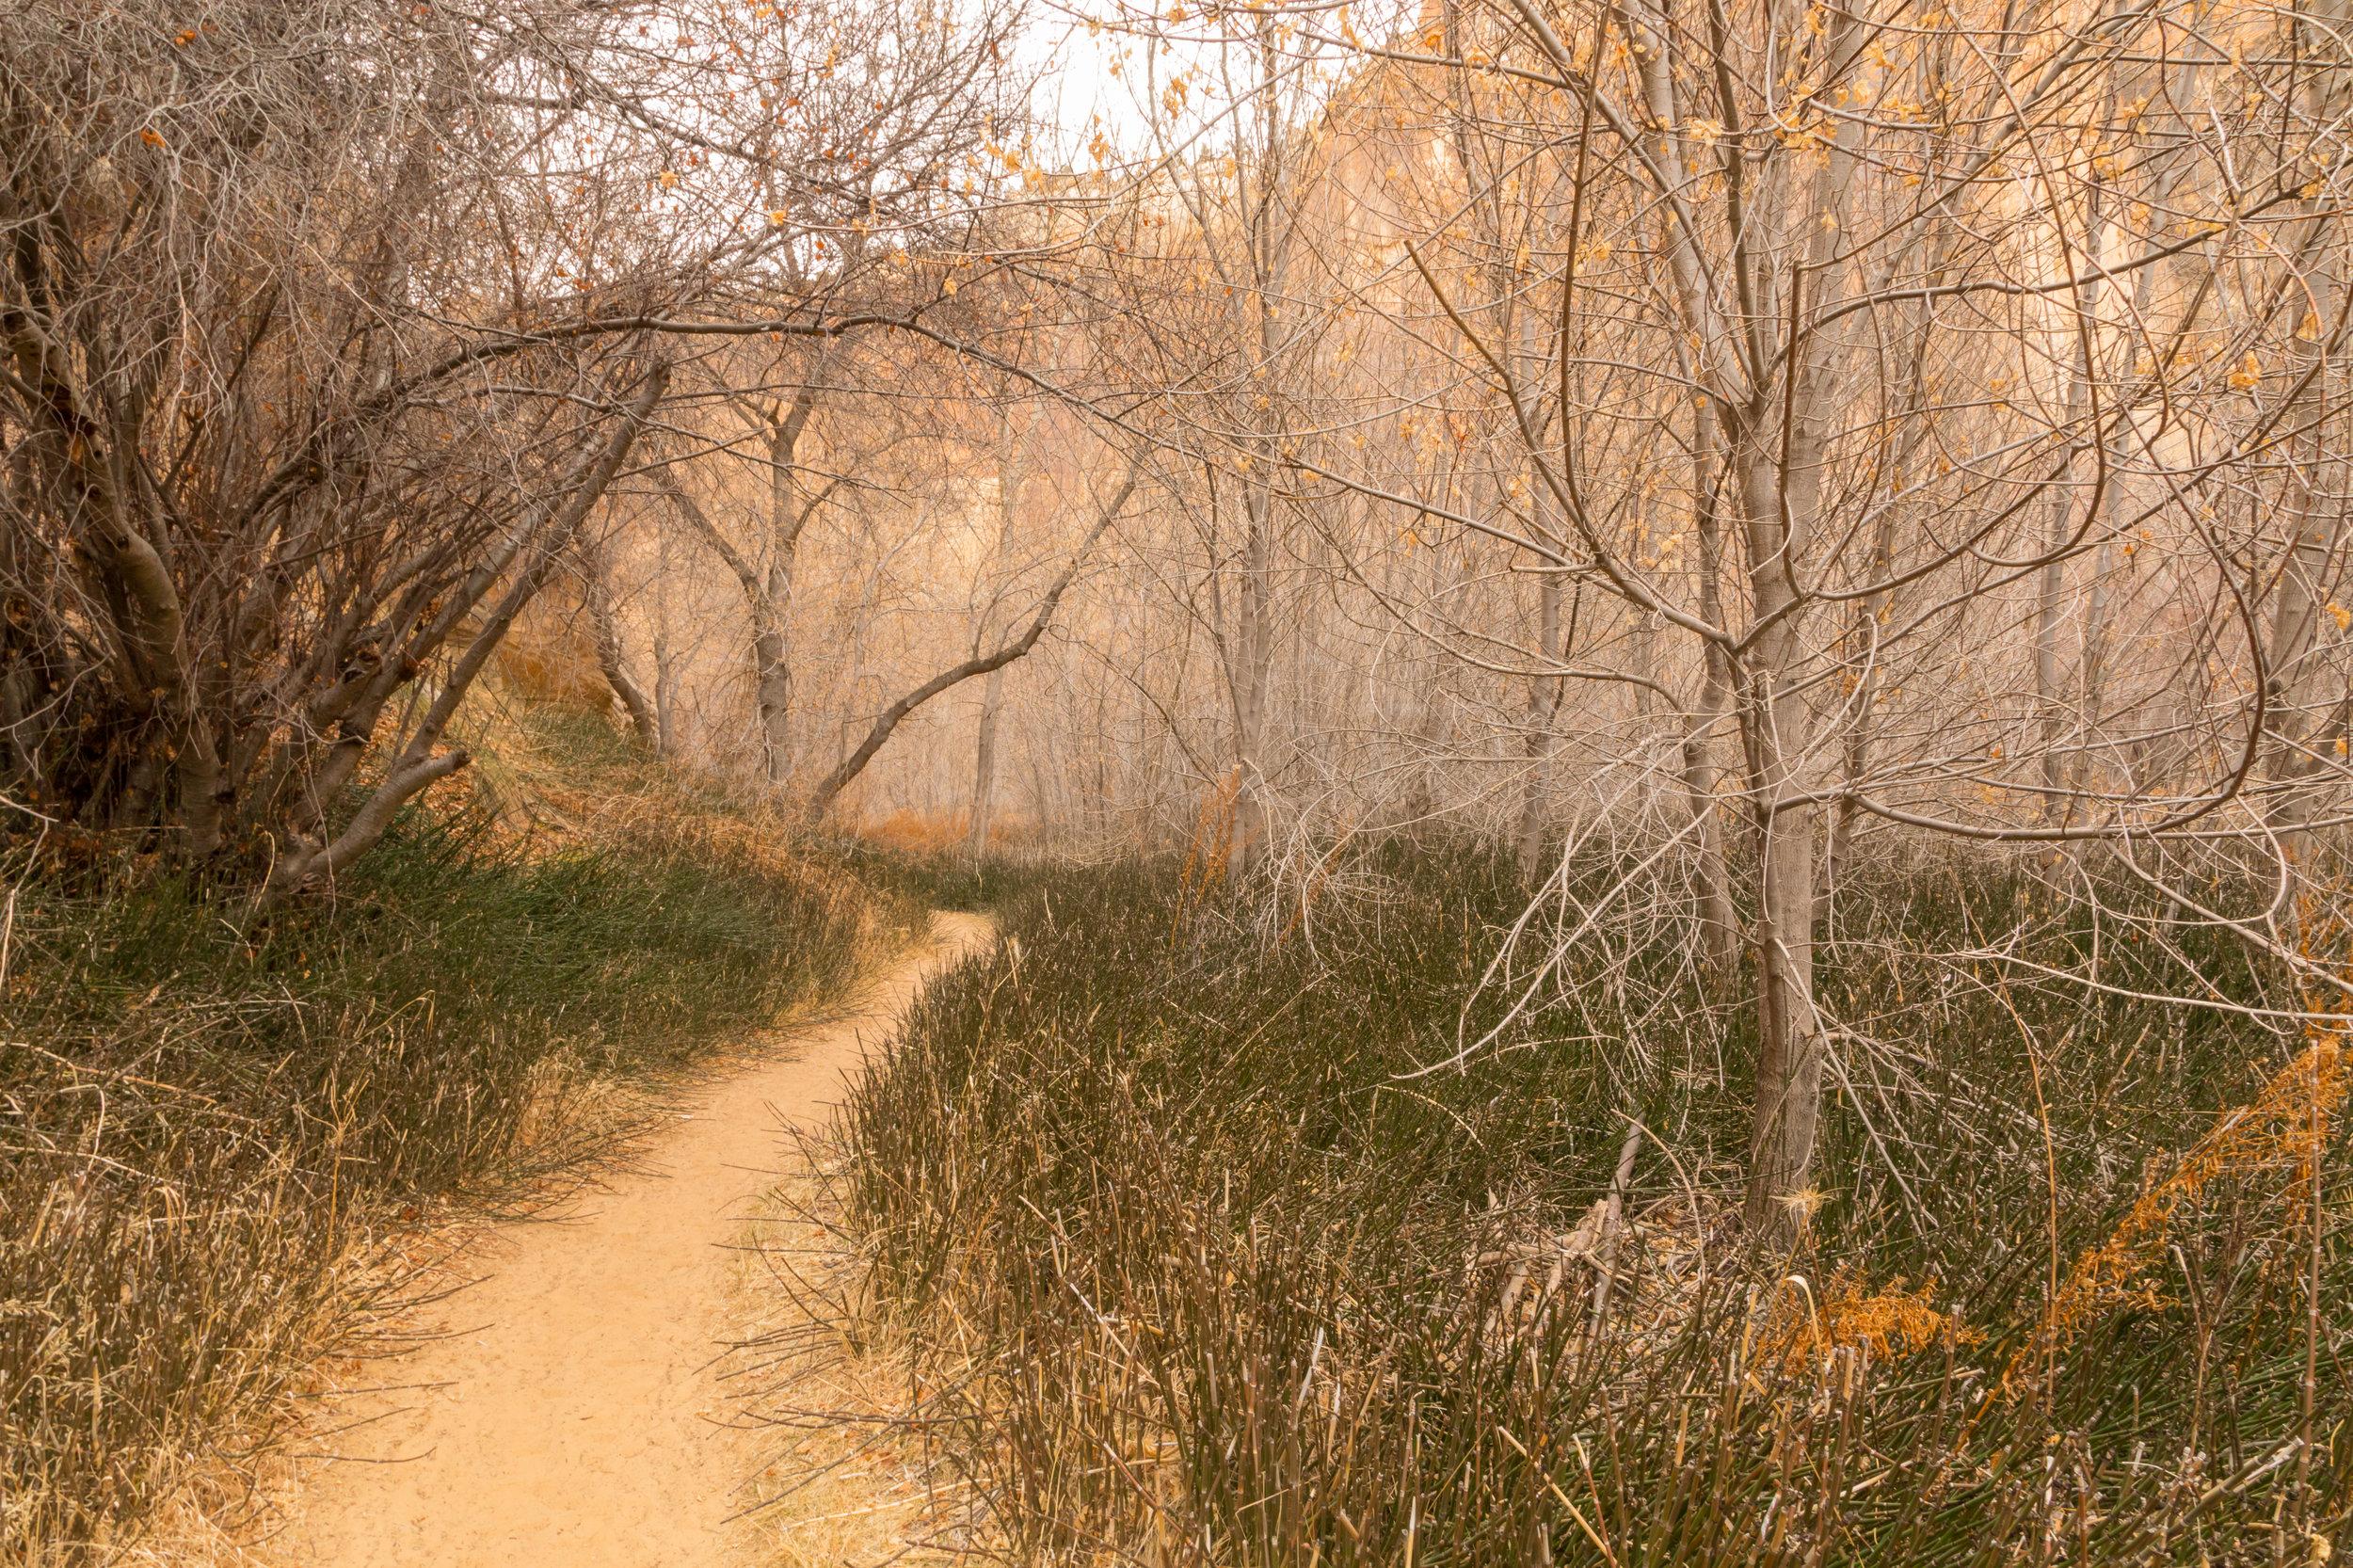 Lower Calf Creek Falls, Image # 3849